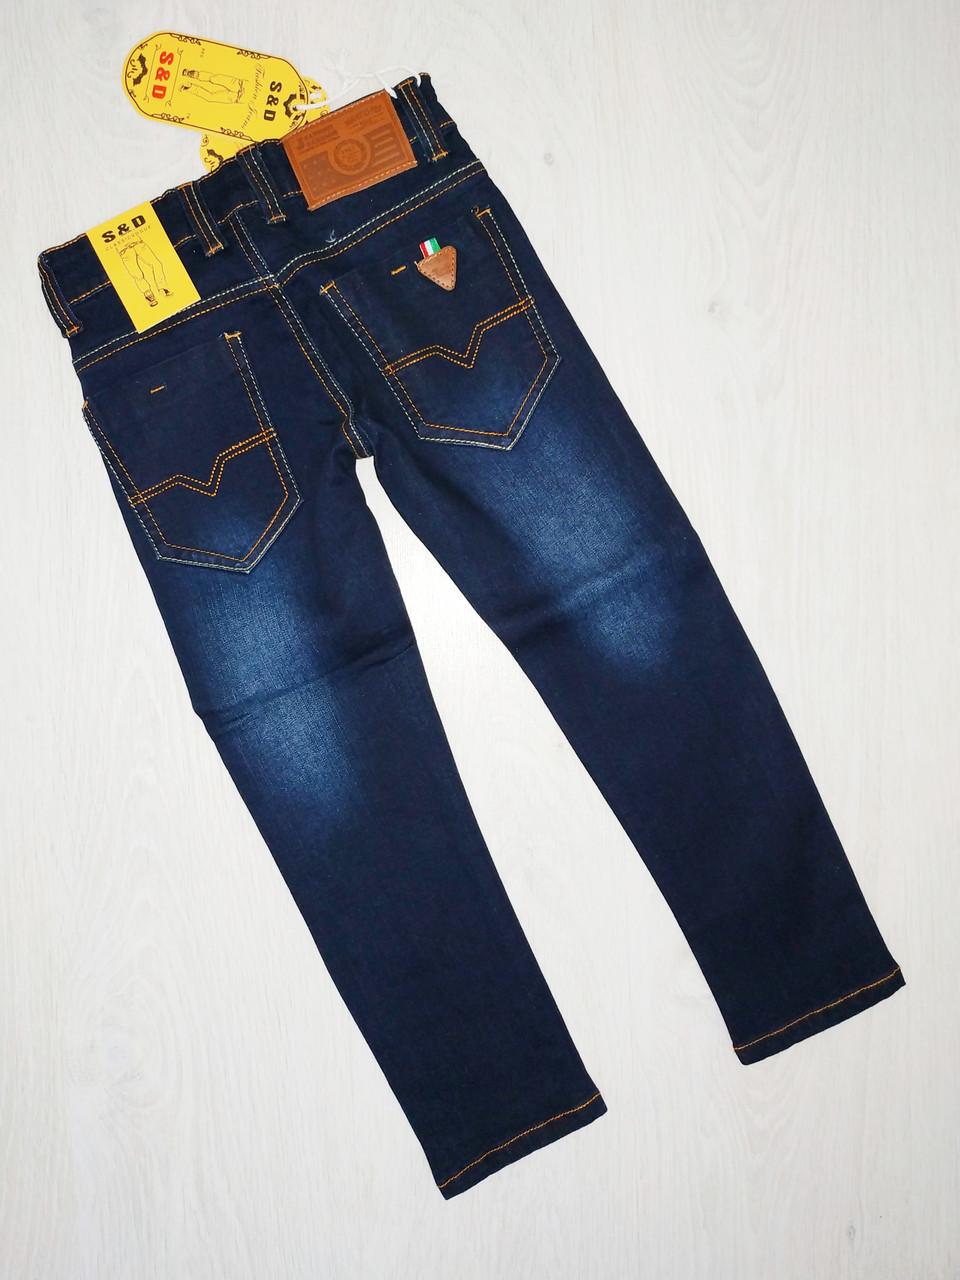 Джинсовые брюки для мальчиков, Венгрия, S&D, рр. 6,8 лет., арт. LY-353,